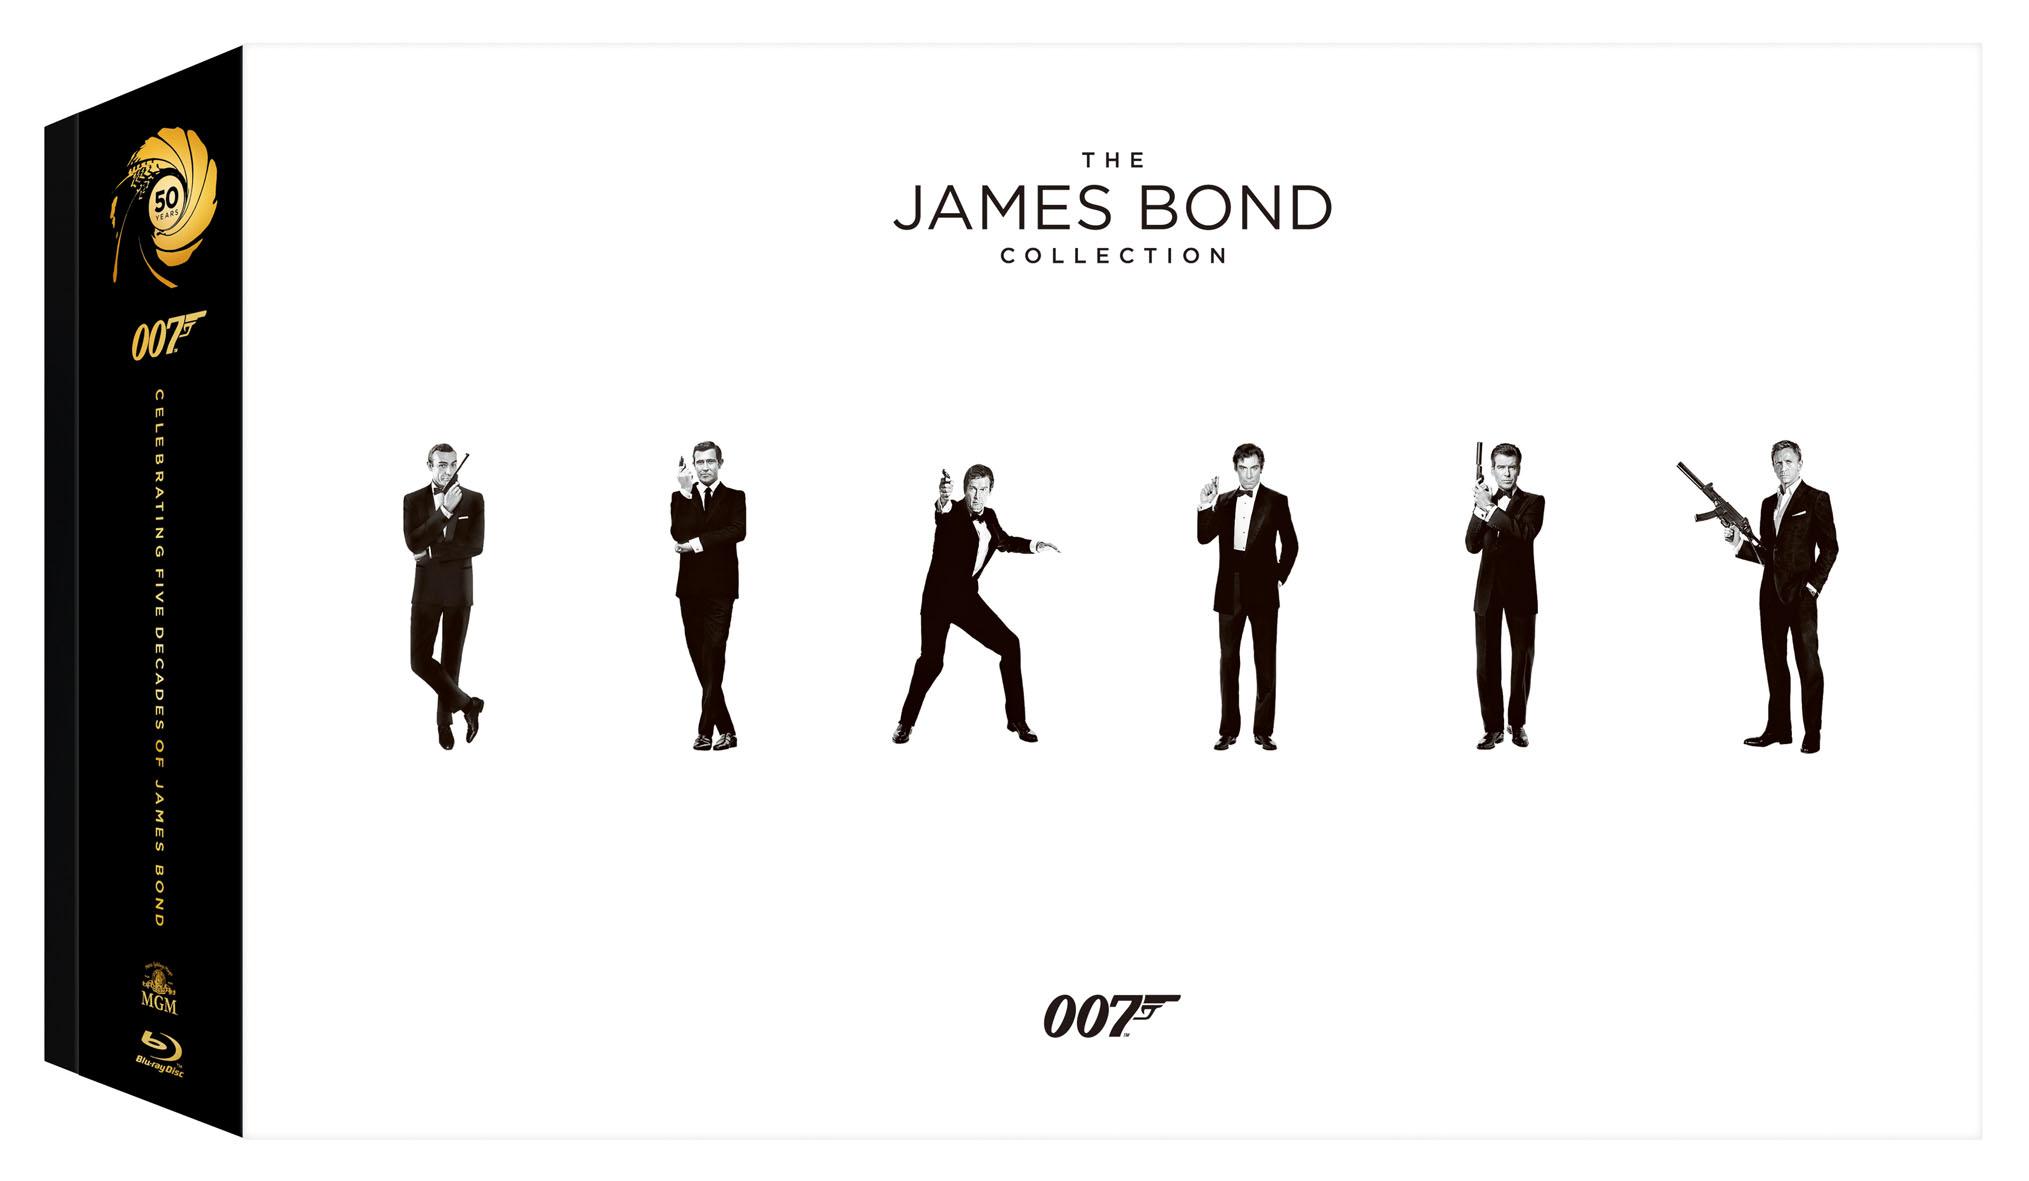 007龐德藍光全系列套裝 BD